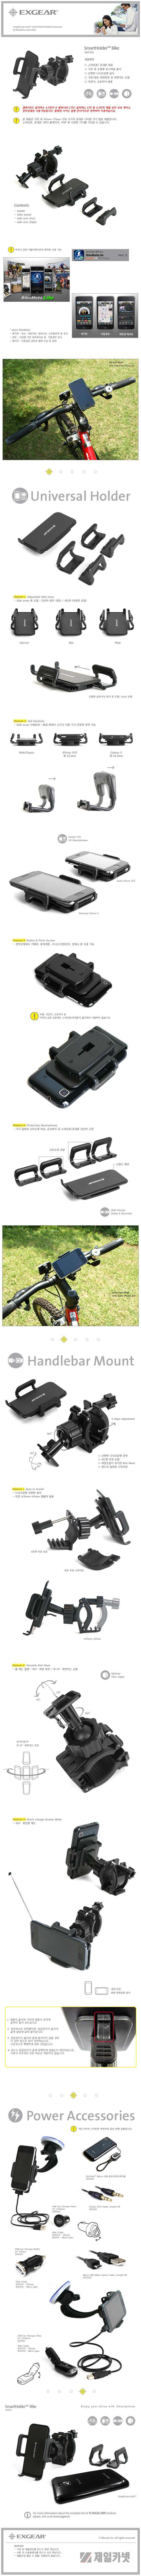 엑스기어 XGP653 자전거/바이크 스마트폰 거치대